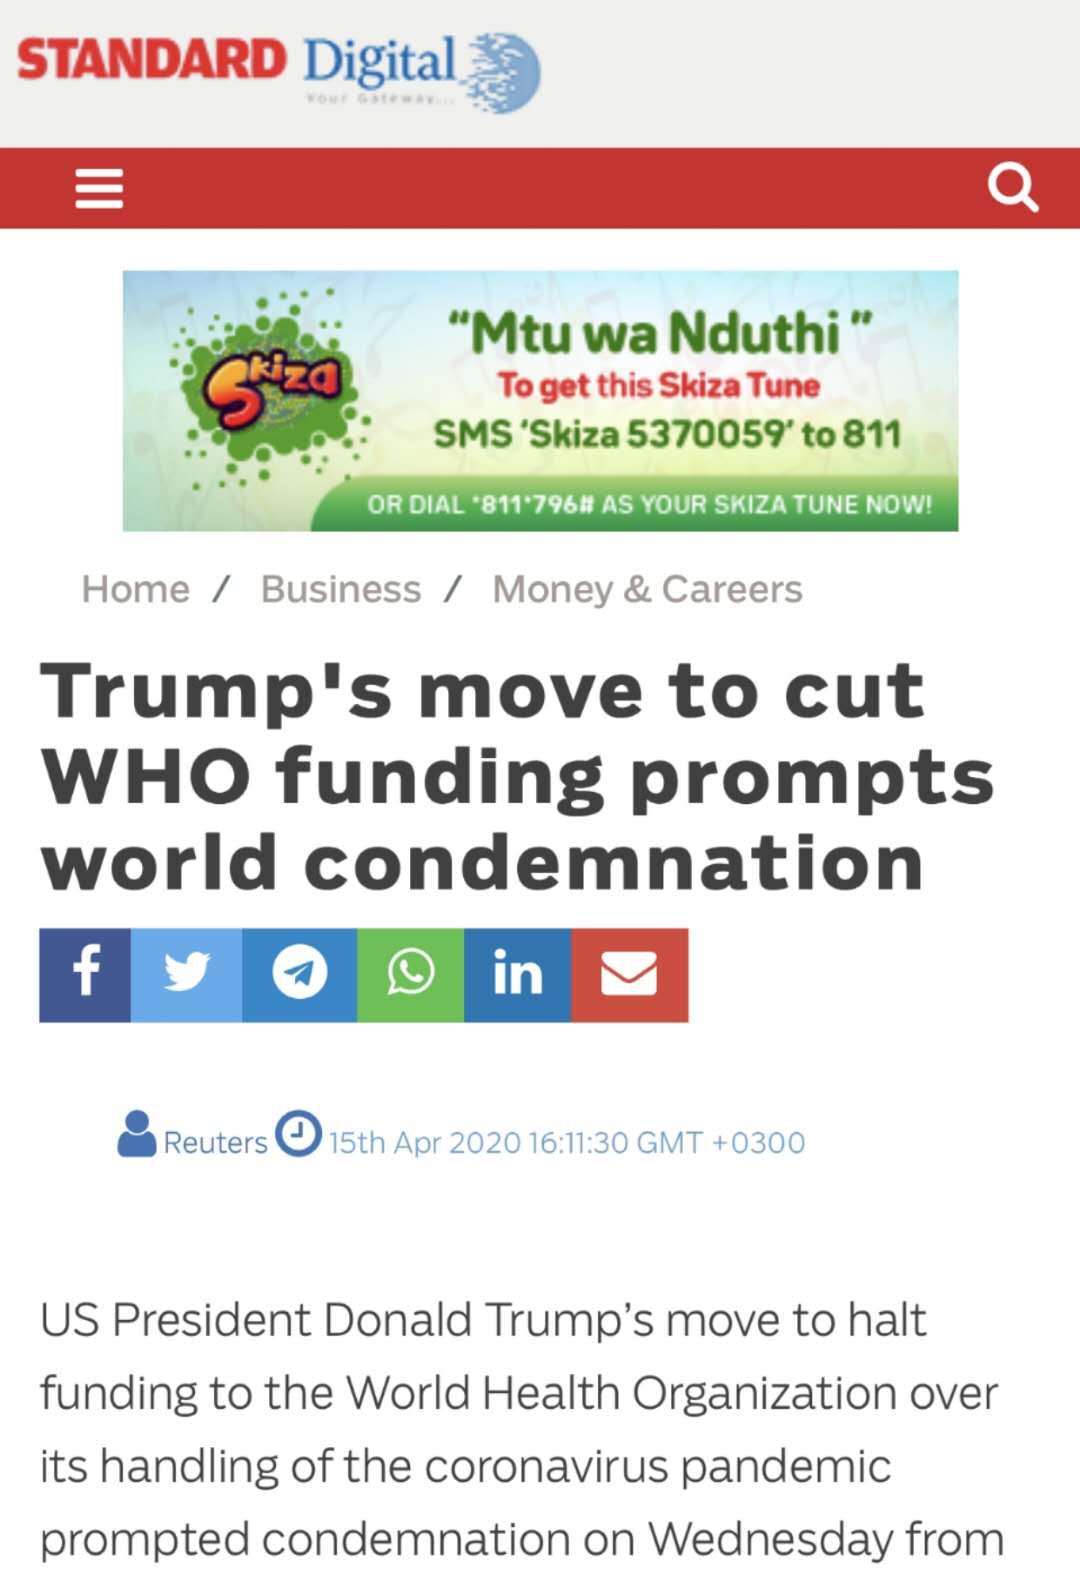 肯尼亚《旗帜报》文章《特朗普堵截世卫资金引发世界指摘》